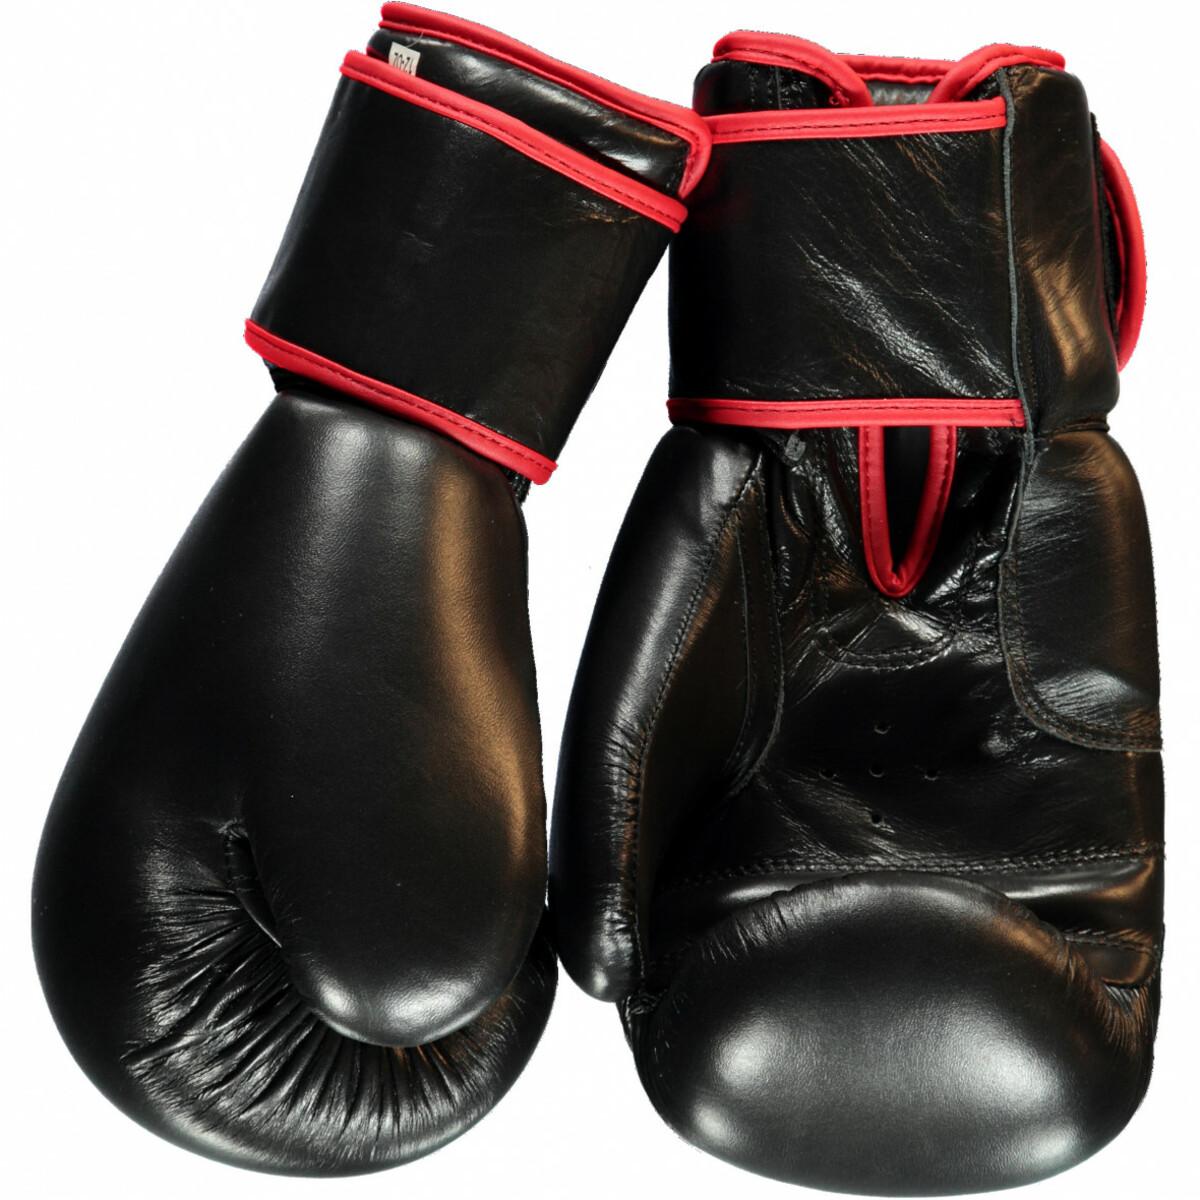 Bild 1 von Boxer Handschuhe